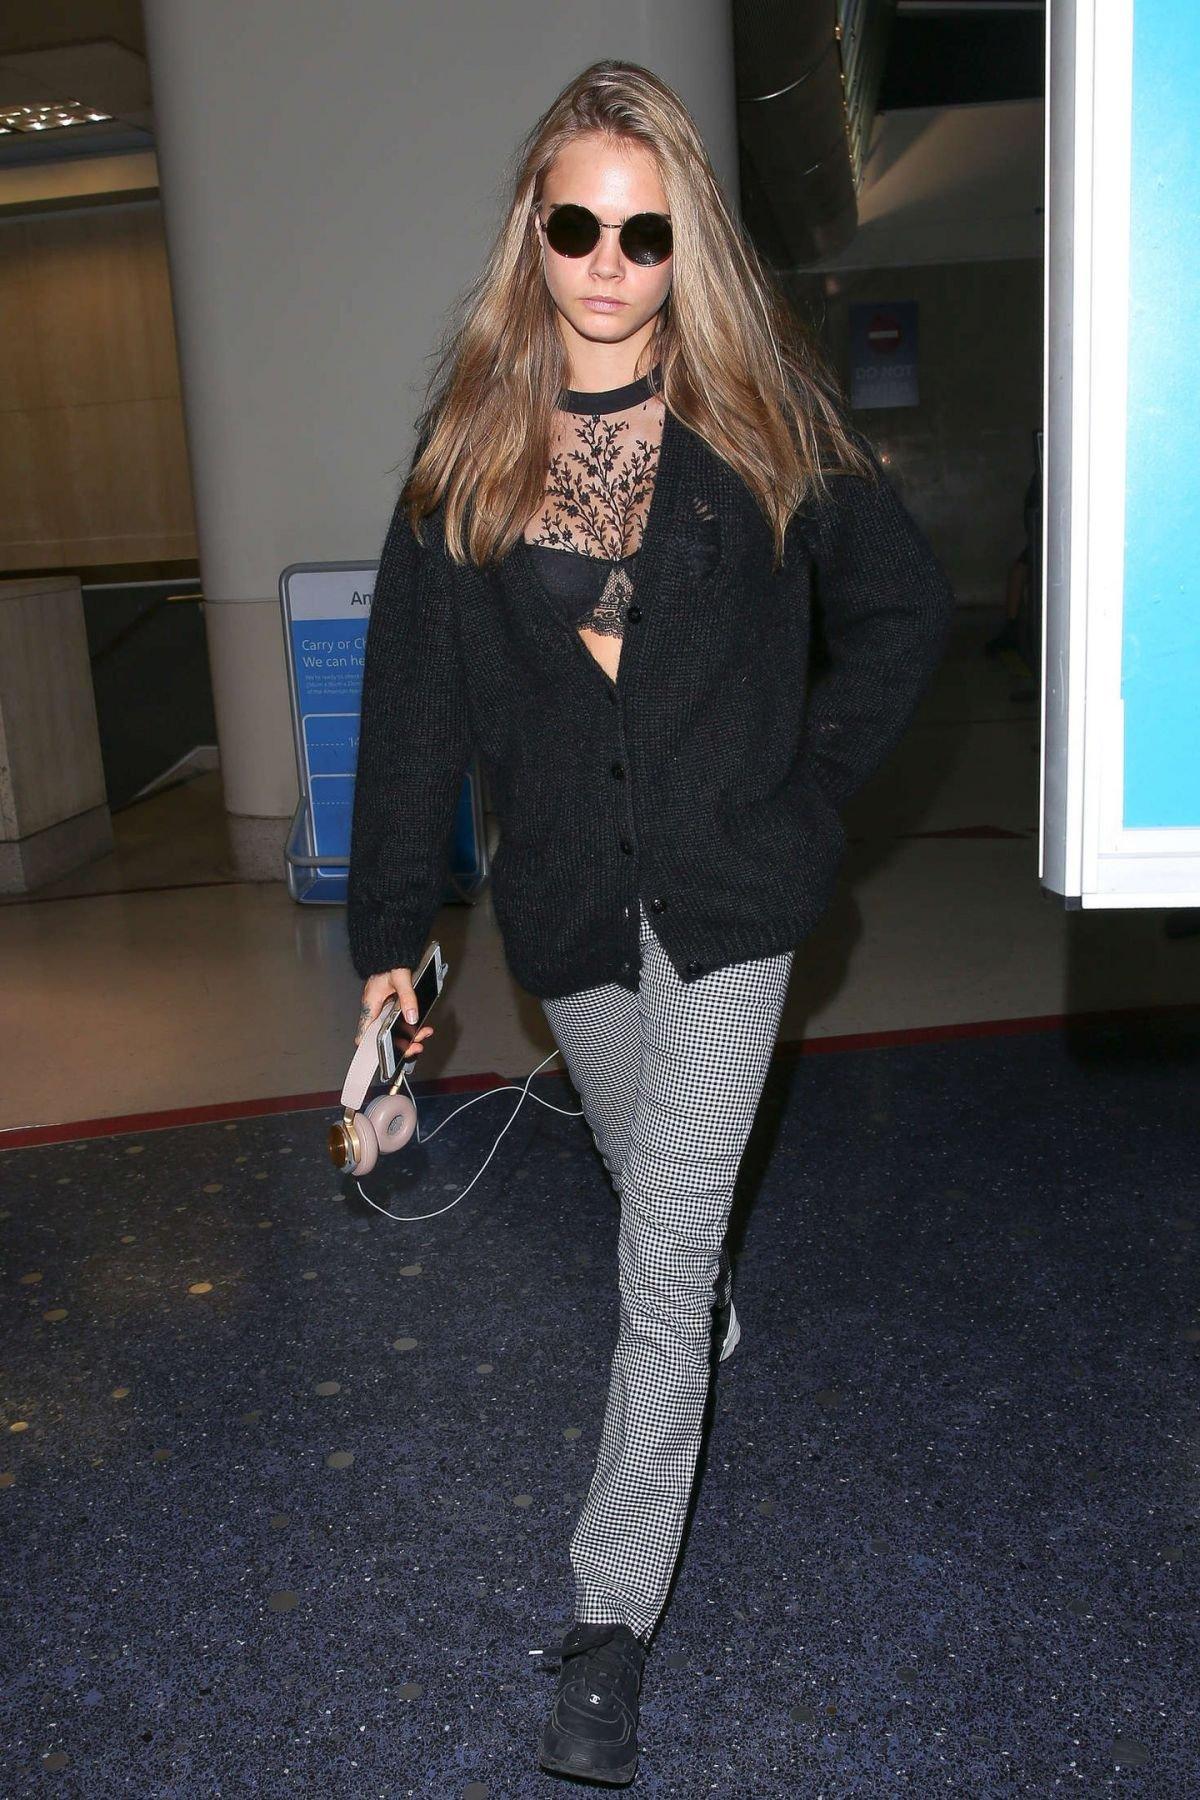 Кара Делевинь выглядит очень стильно даже в аэропорту